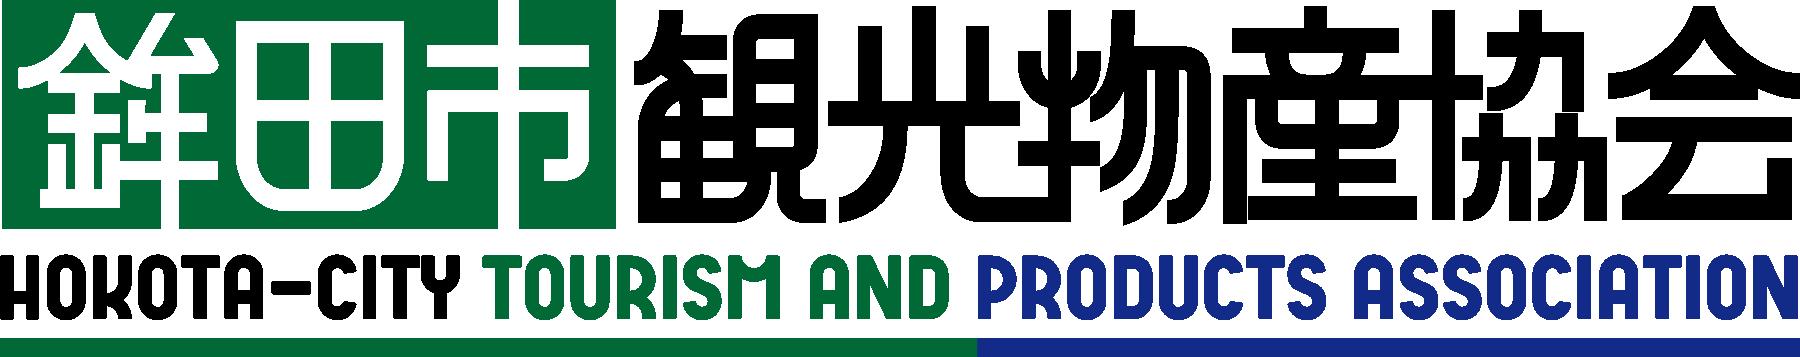 鉾田市観光物産協会